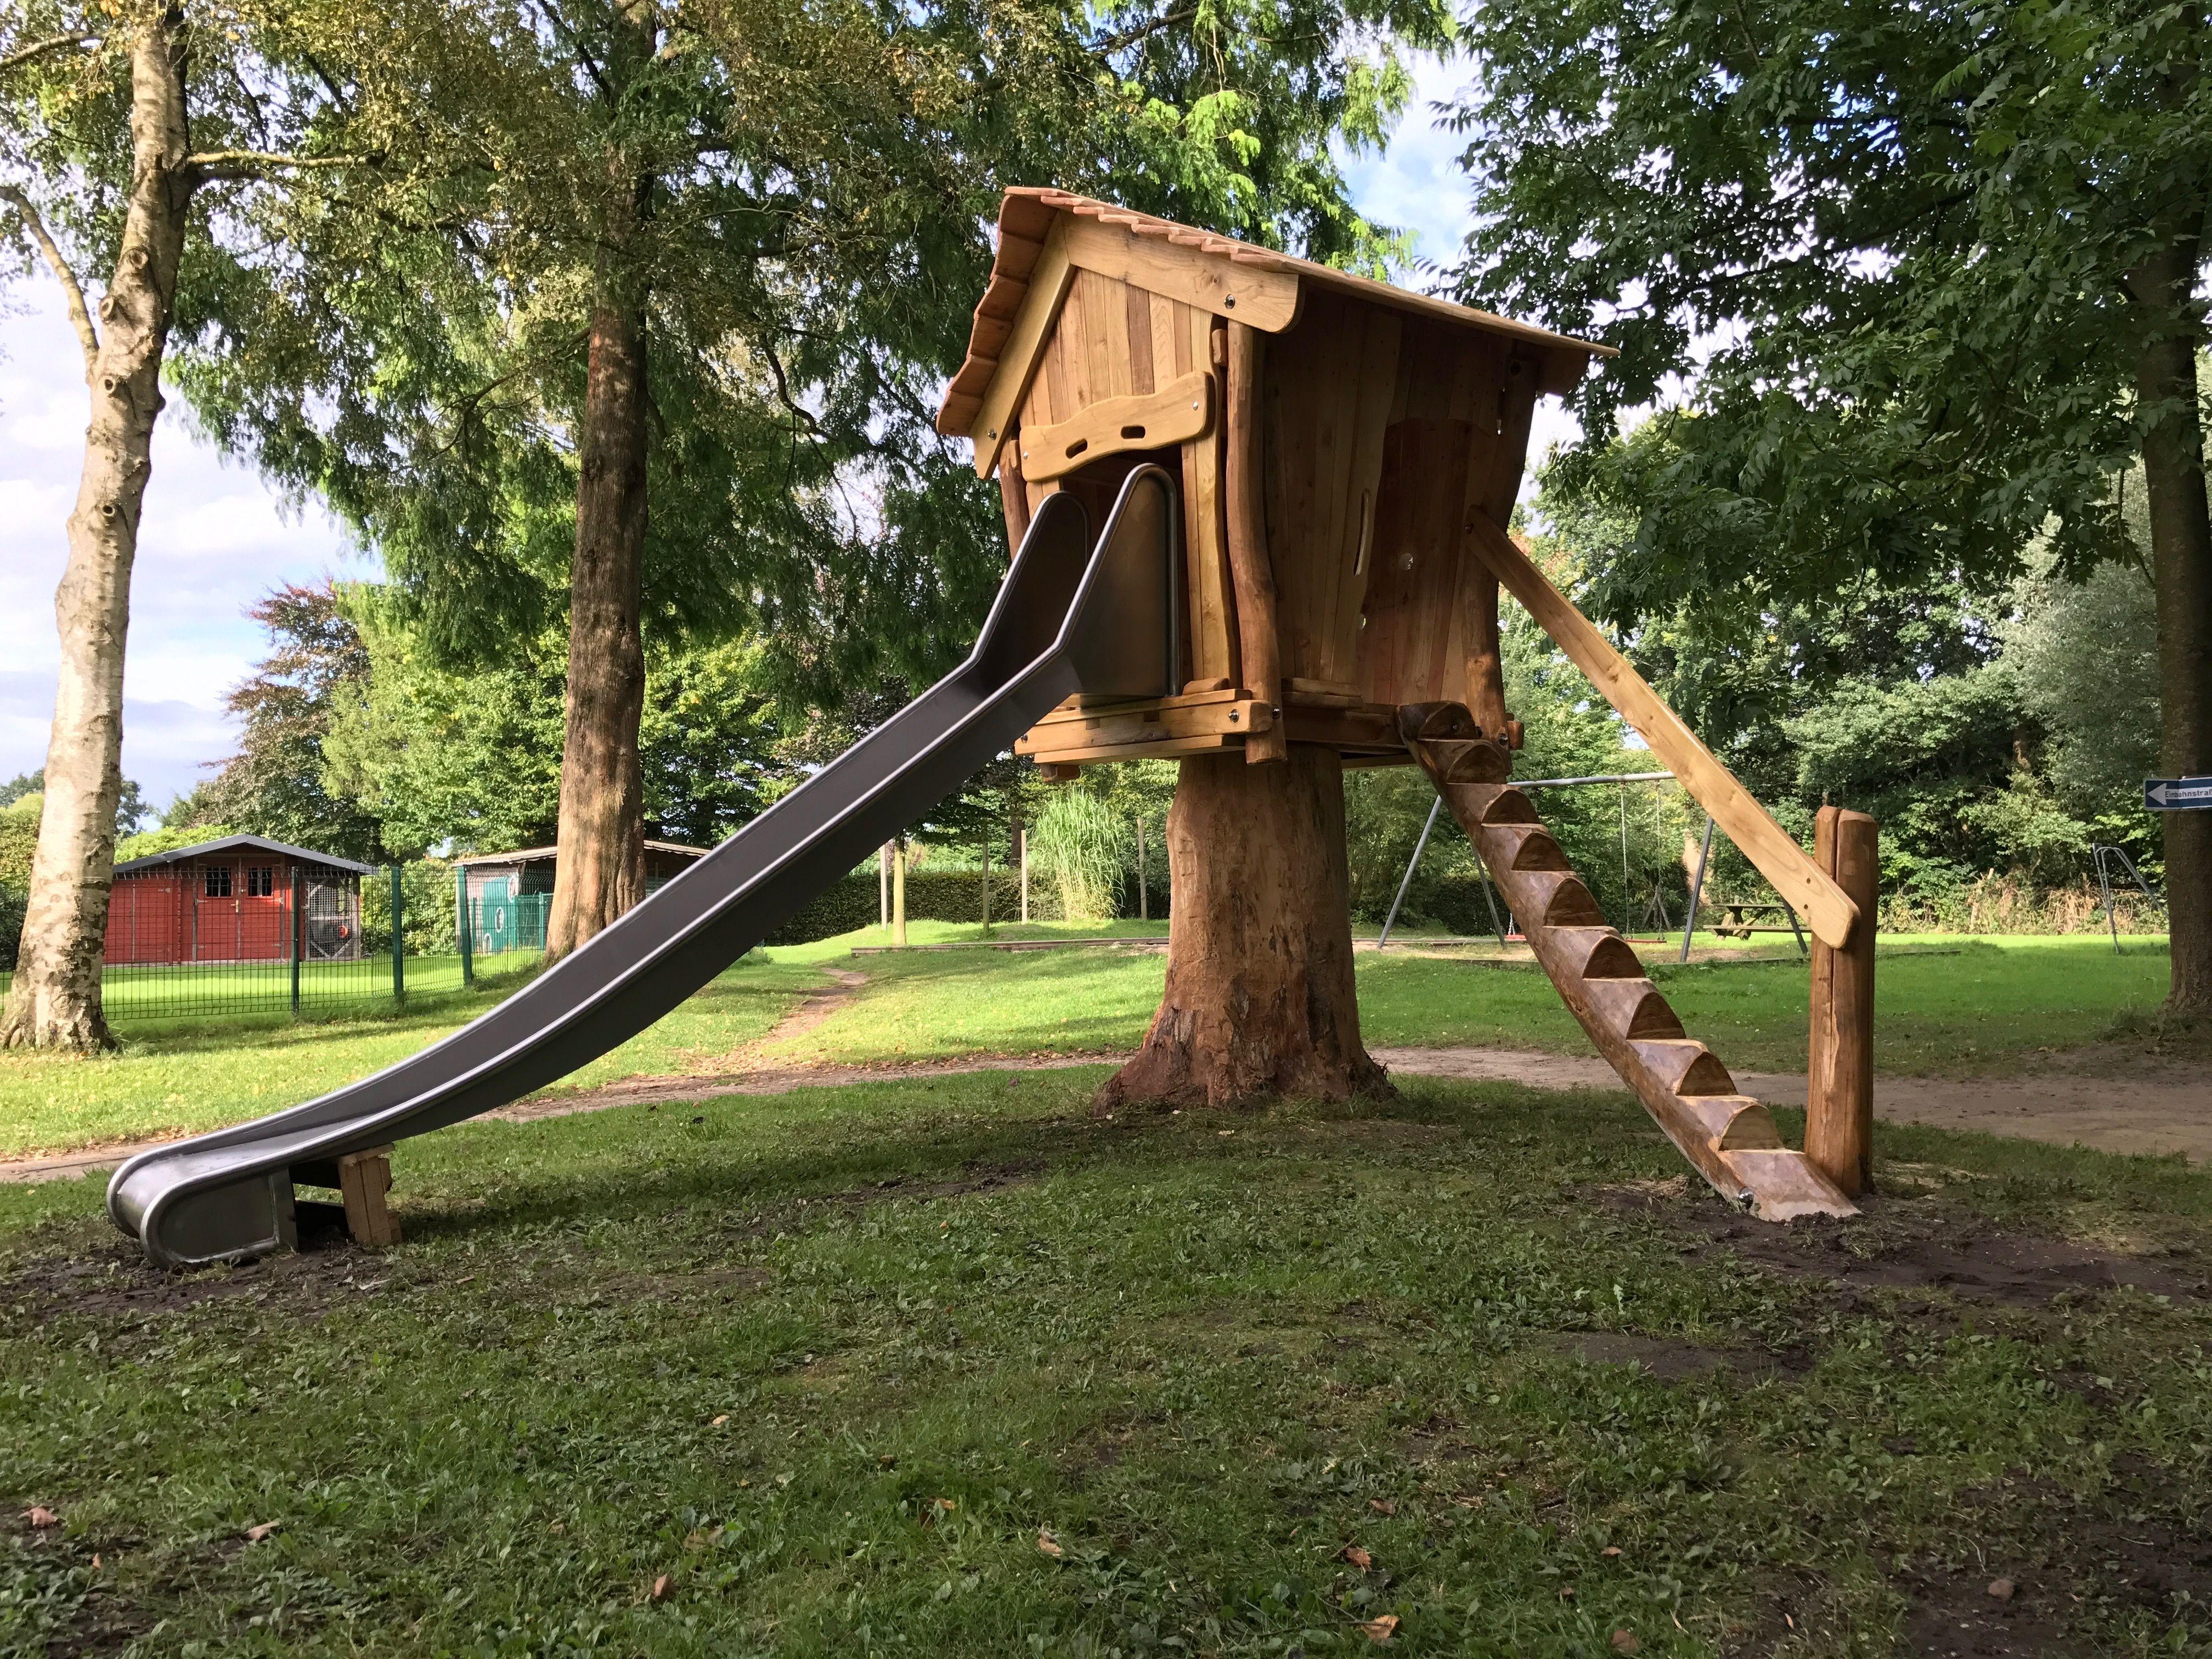 Spielhaus Auf Larchenstamm Kinder Spielgerate Spielgerat Naturliches Leben